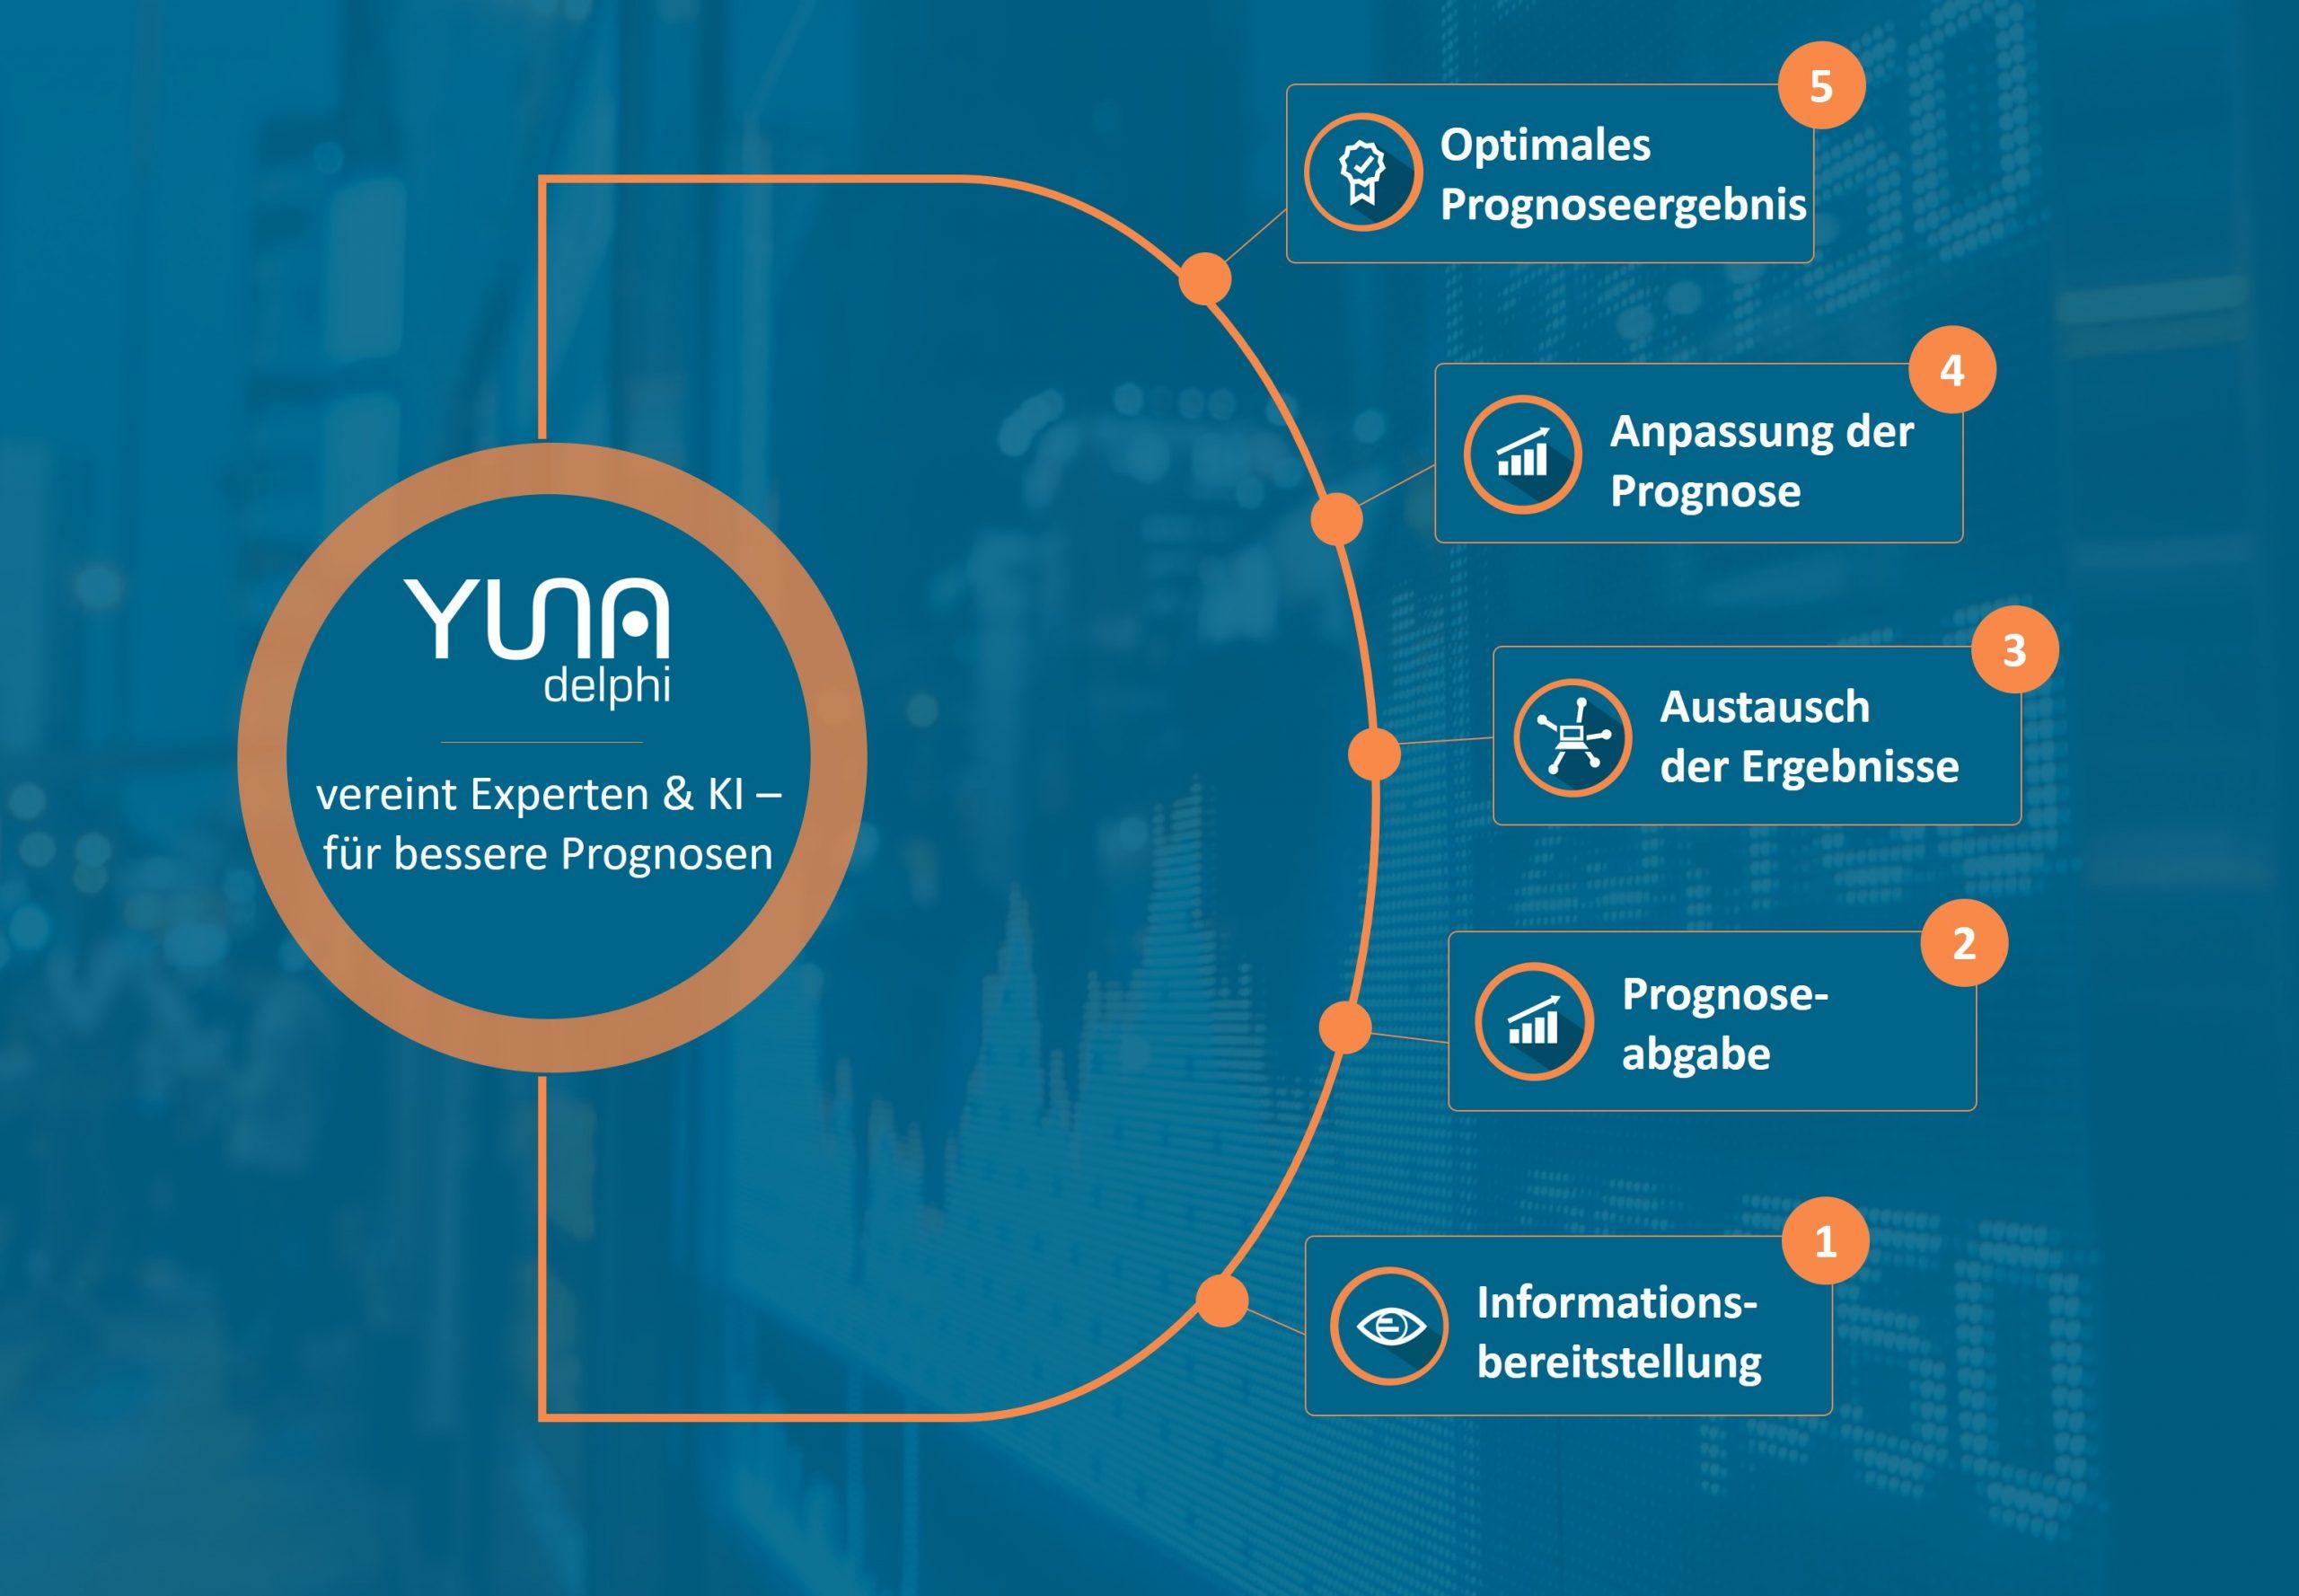 YUNA delphi Prozess von der Informationsbereitstellung bis zur besseren Prognose